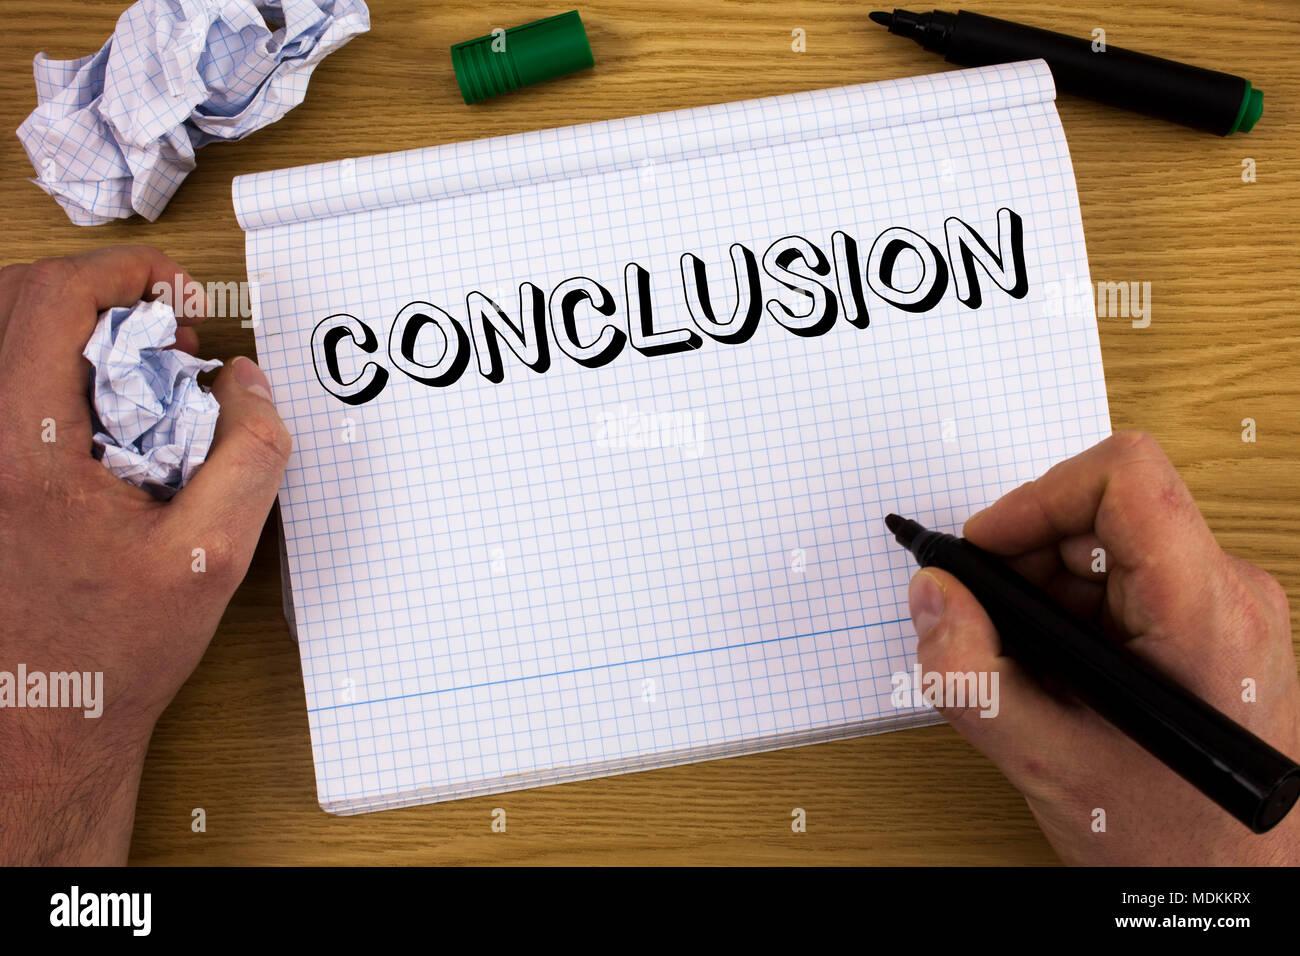 Handschrift Text Abschließend Begriff Sinne Ergebnisse Analyse